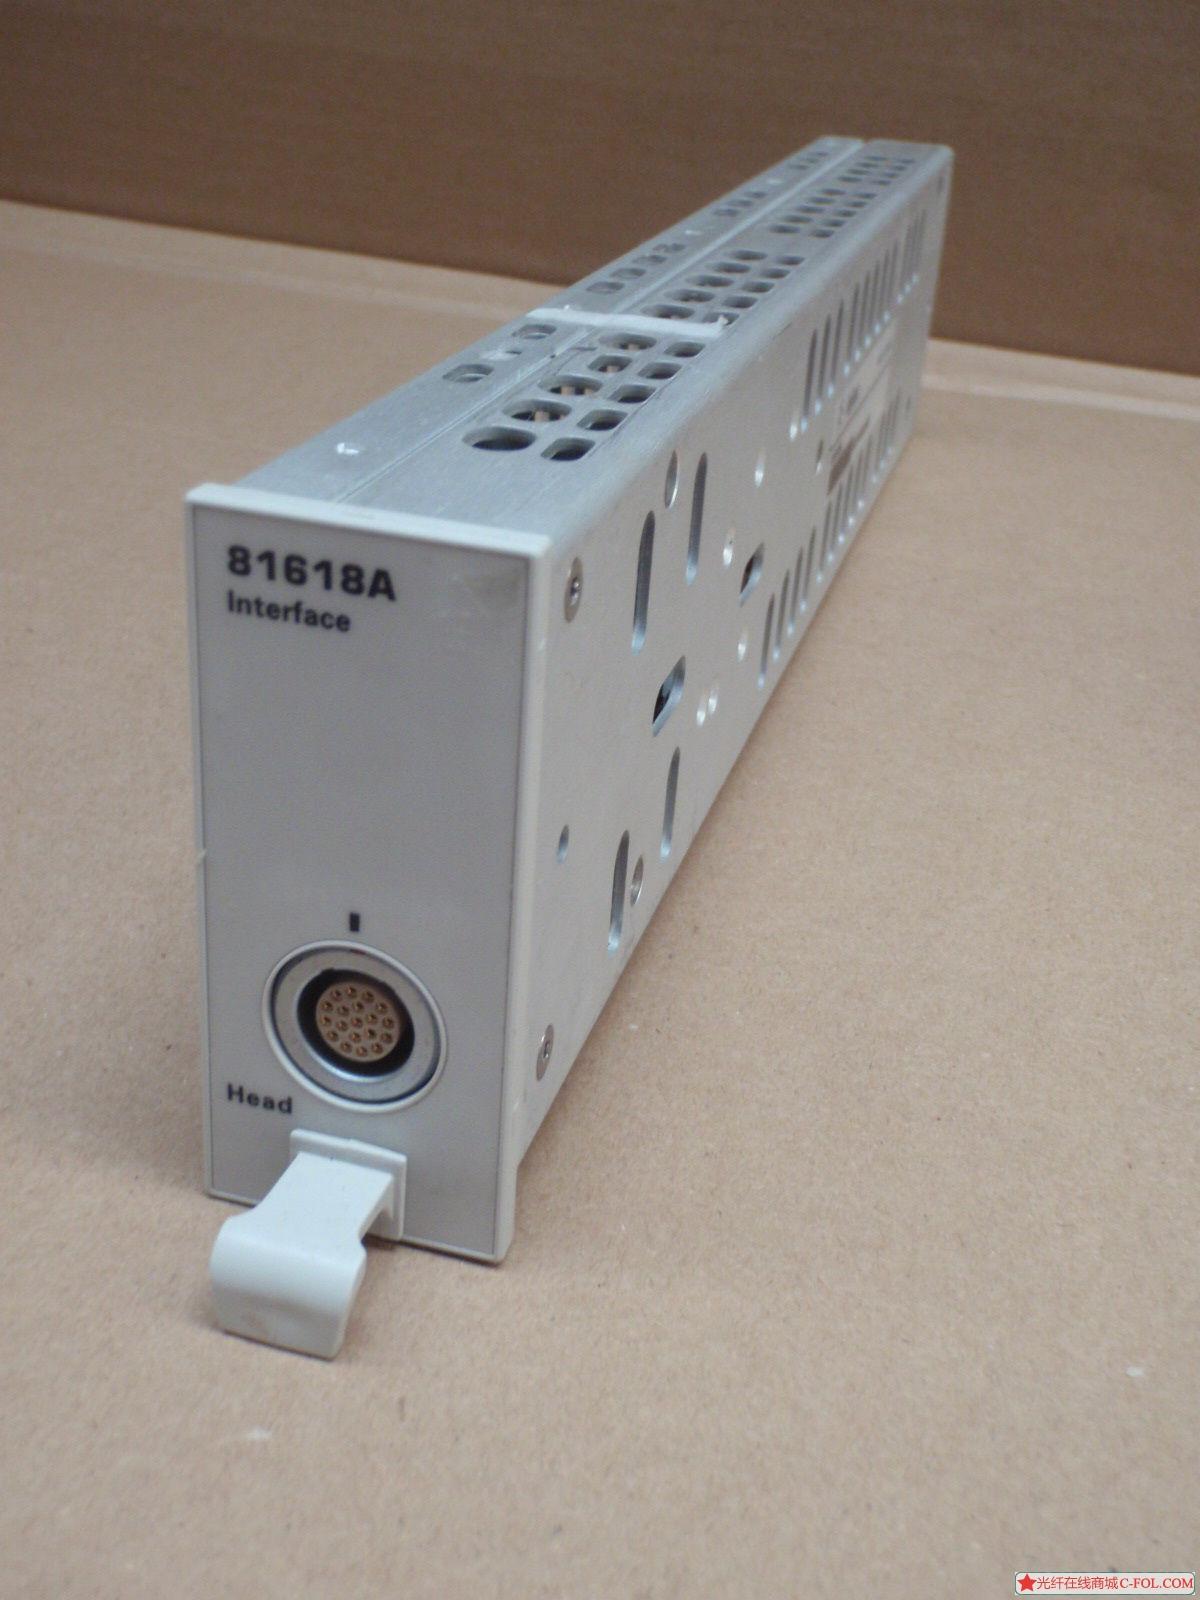 安捷伦81618A 接口模块